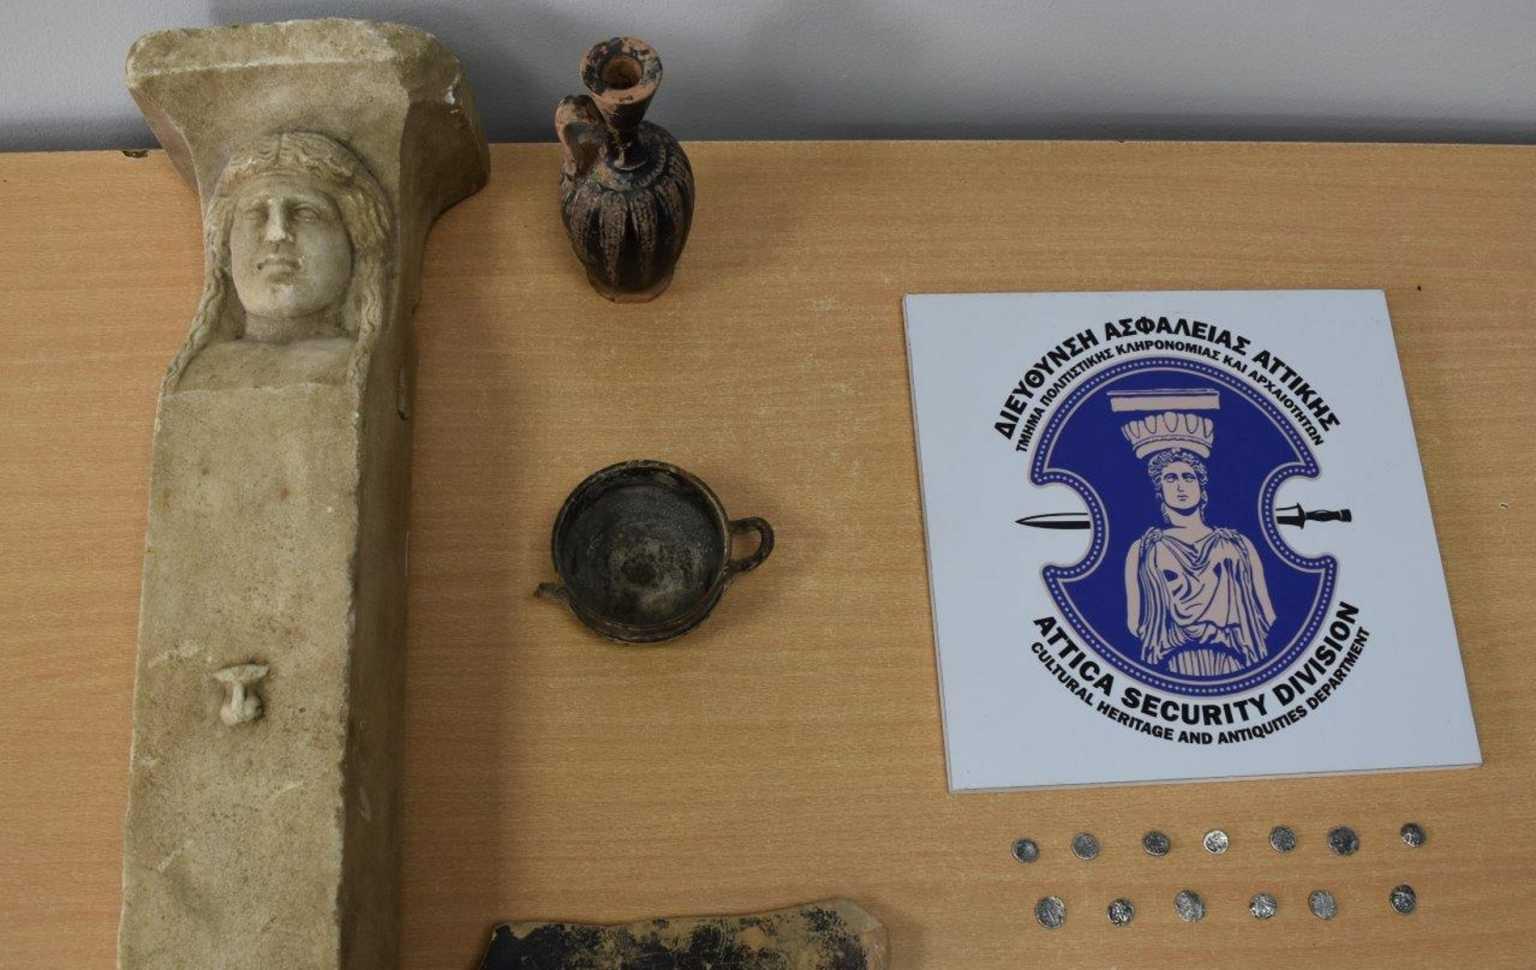 Ηλεία: Αρχαιοκάπηλοι πιάστηκαν στη φάκα – Ετοιμάζονταν να πουλήσουν σπάνιες αρχαιότητες